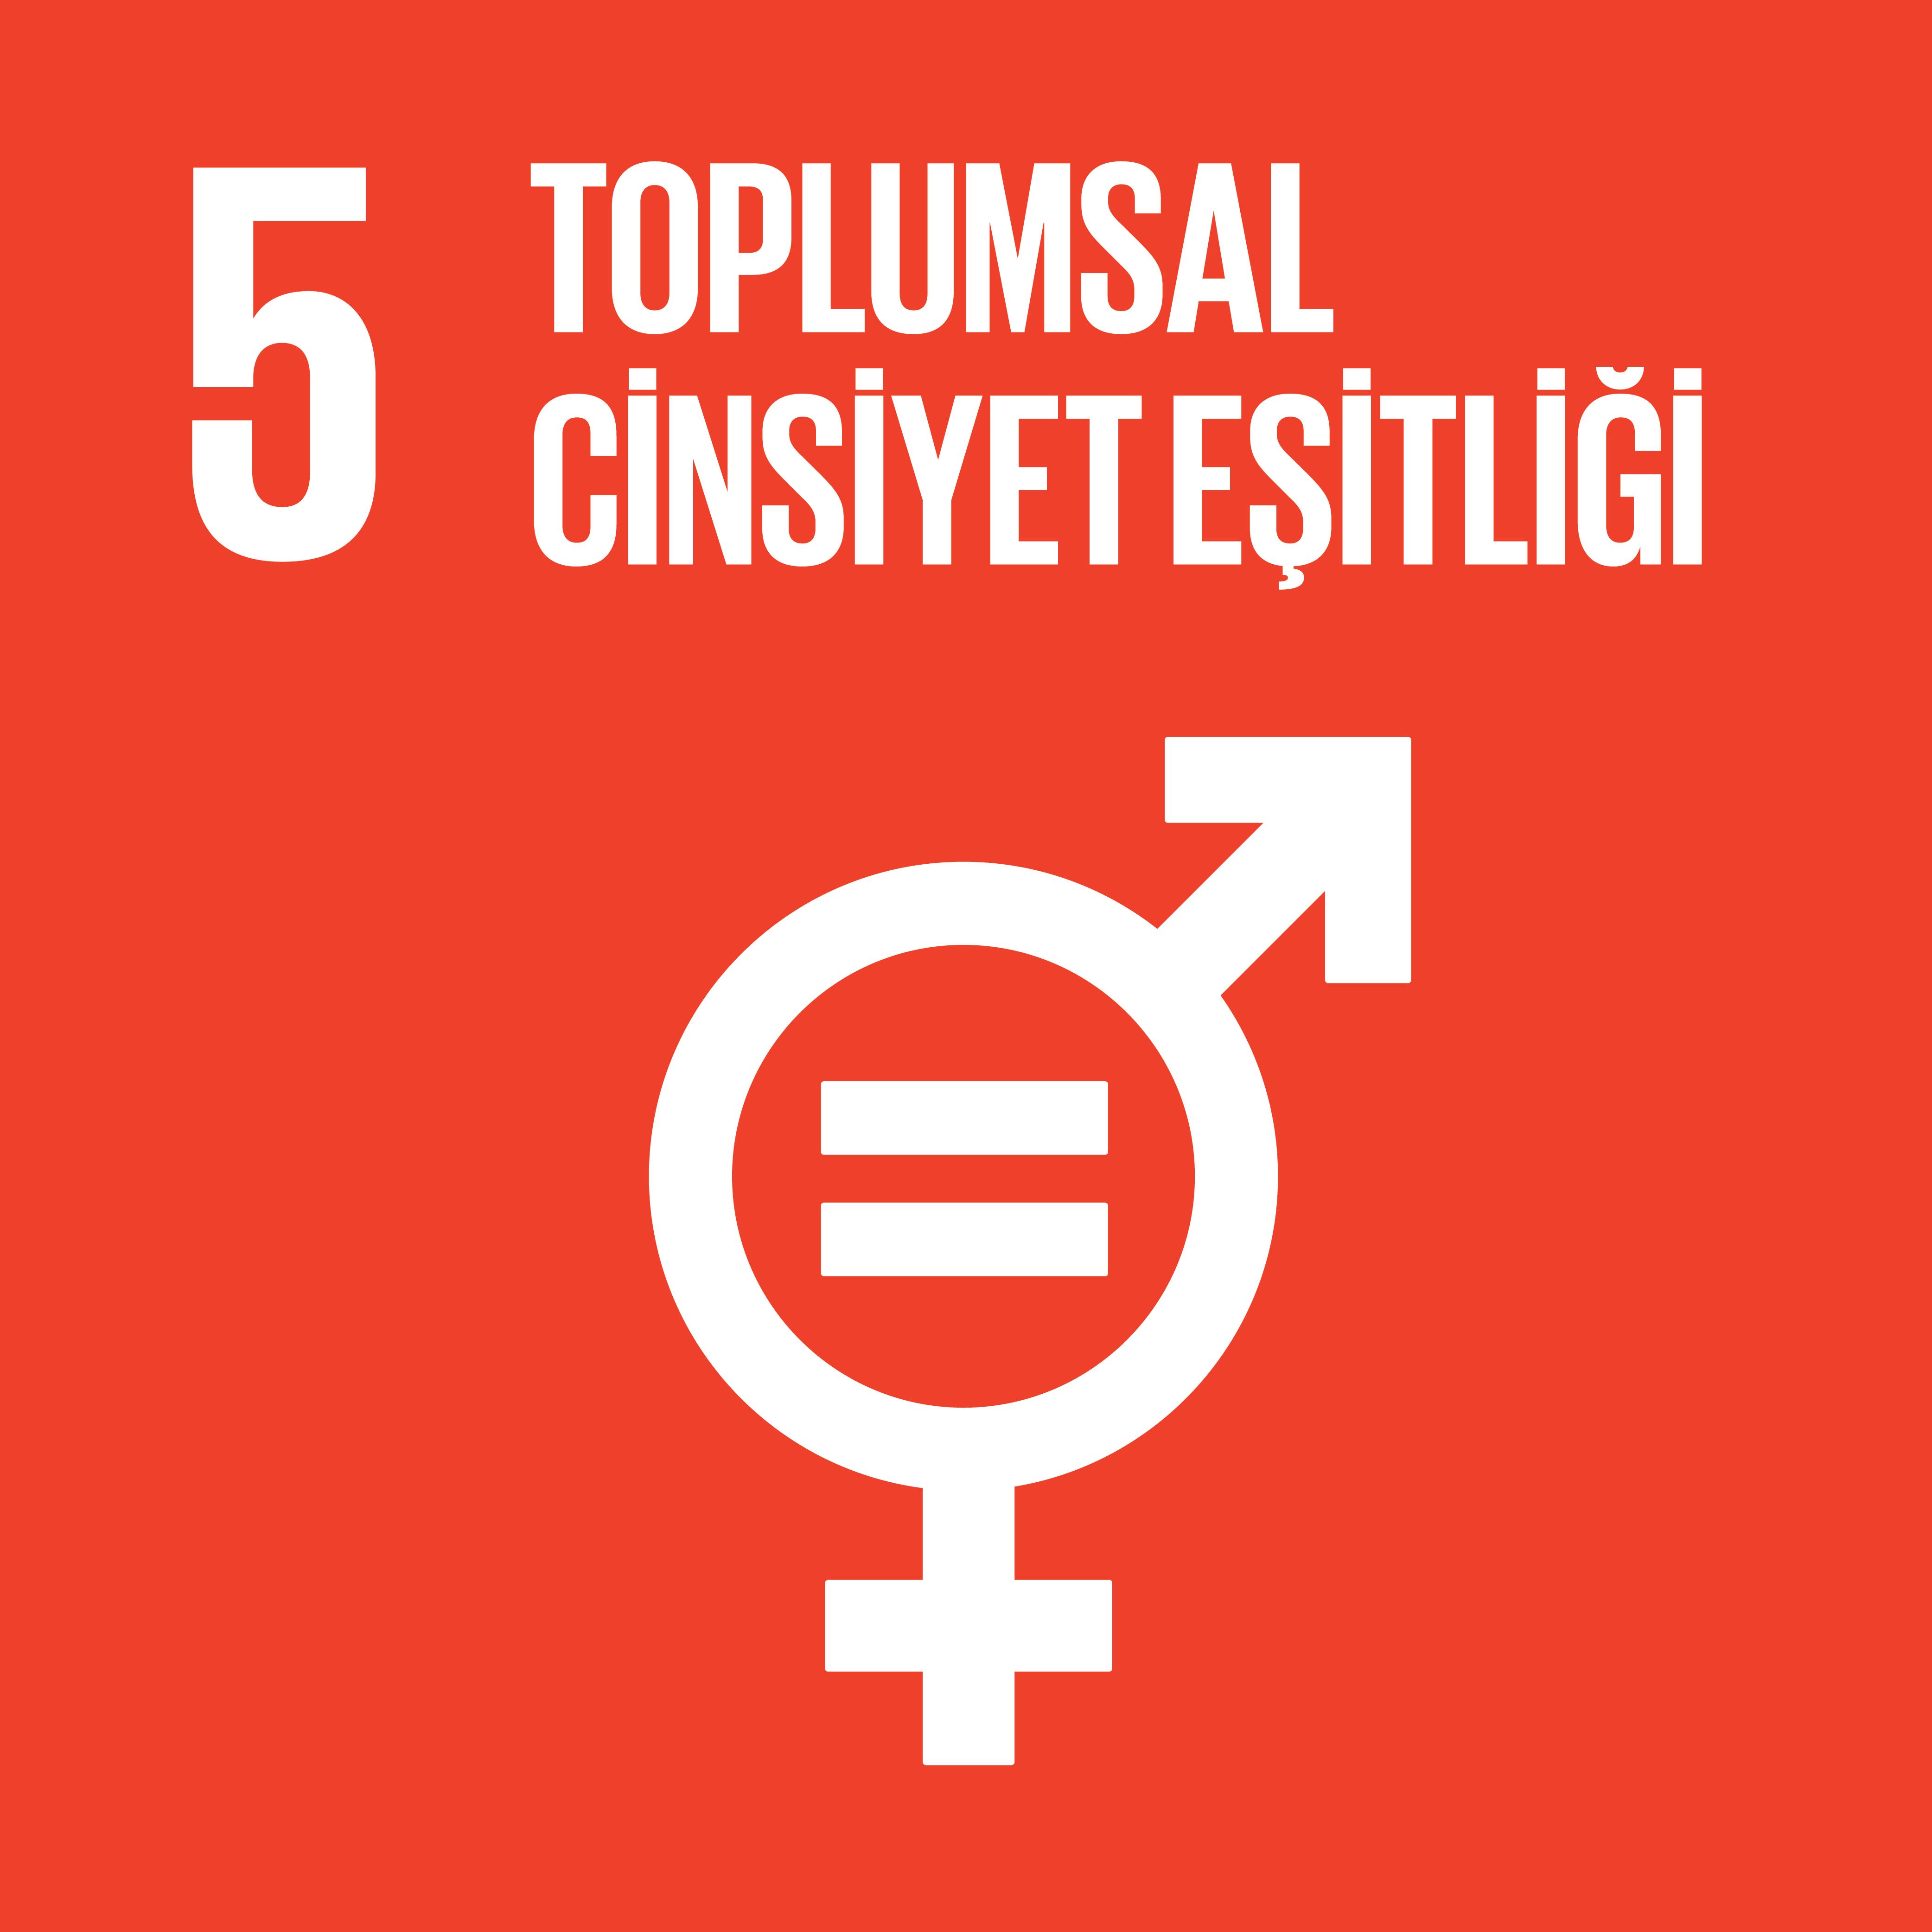 SDG 5 Sürdürülebilir Kalkınma Amacı 5 - Toplumsal Cinsiyet Eşitliği